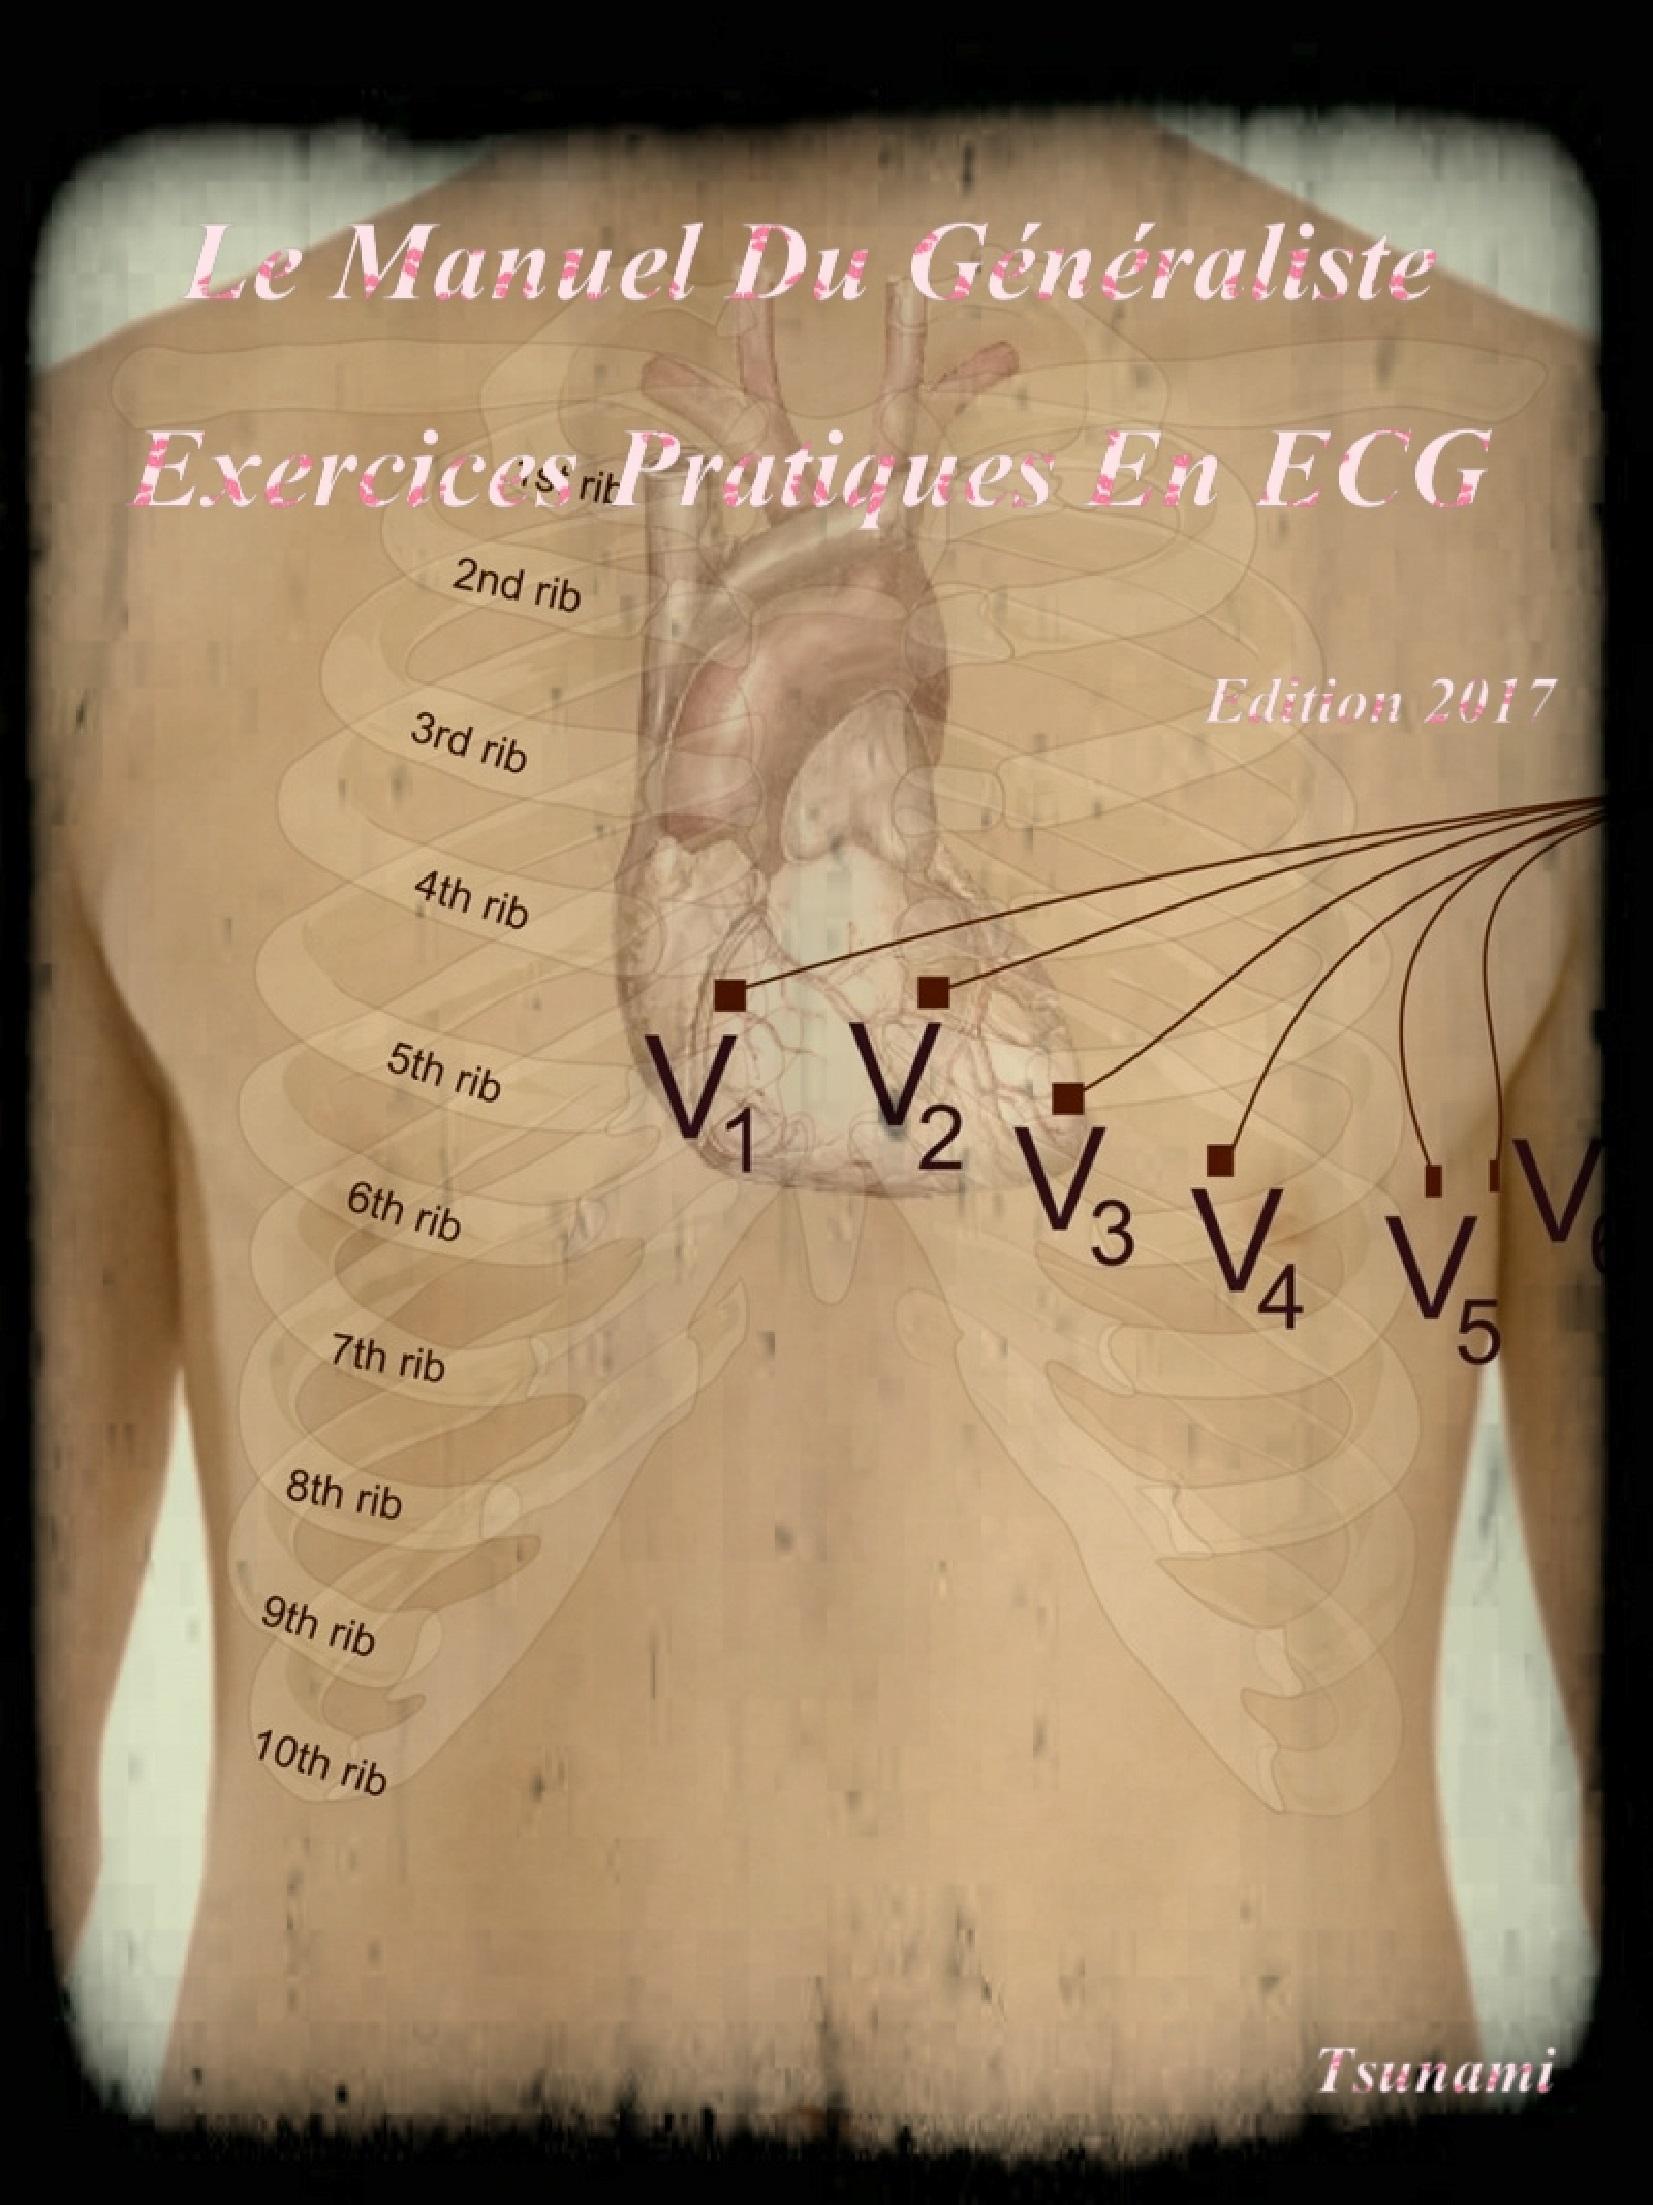 Livres Médicales - Le Manuel Du Généraliste 2017 Exercices Pratiques En ECG Le_man15